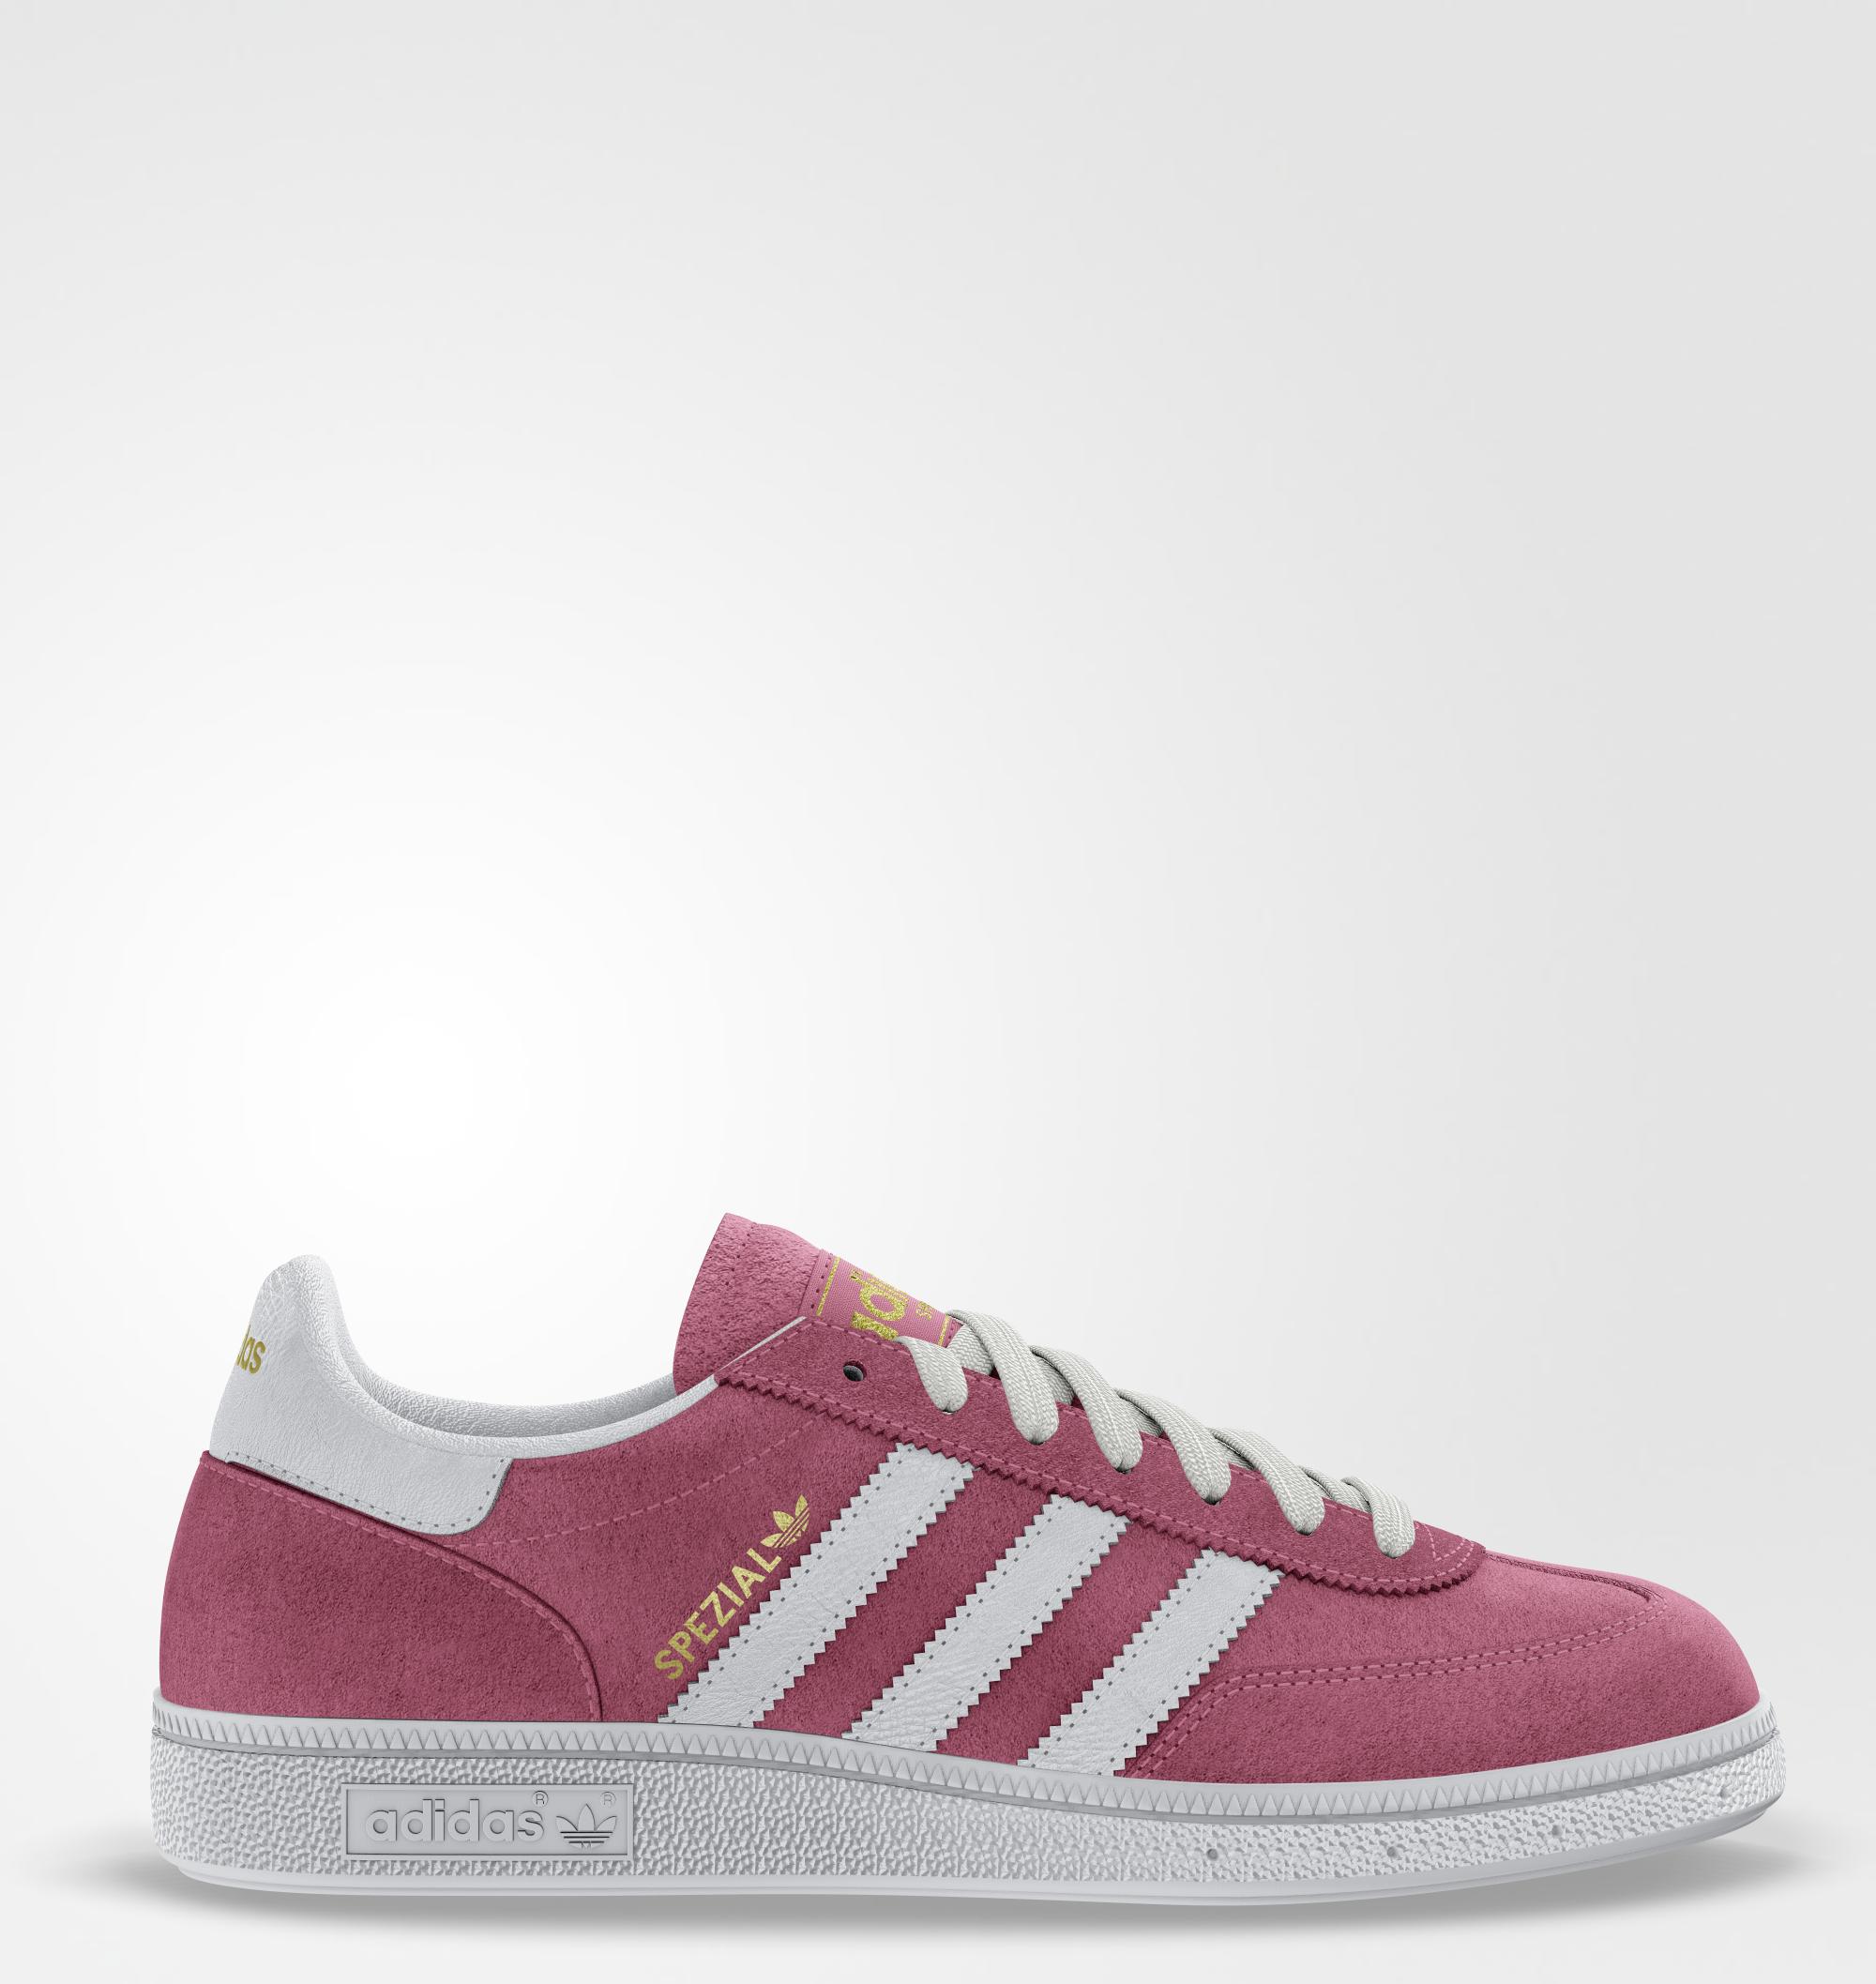 mi Spezial ShoesWomen's Originals IsvgRihQK9